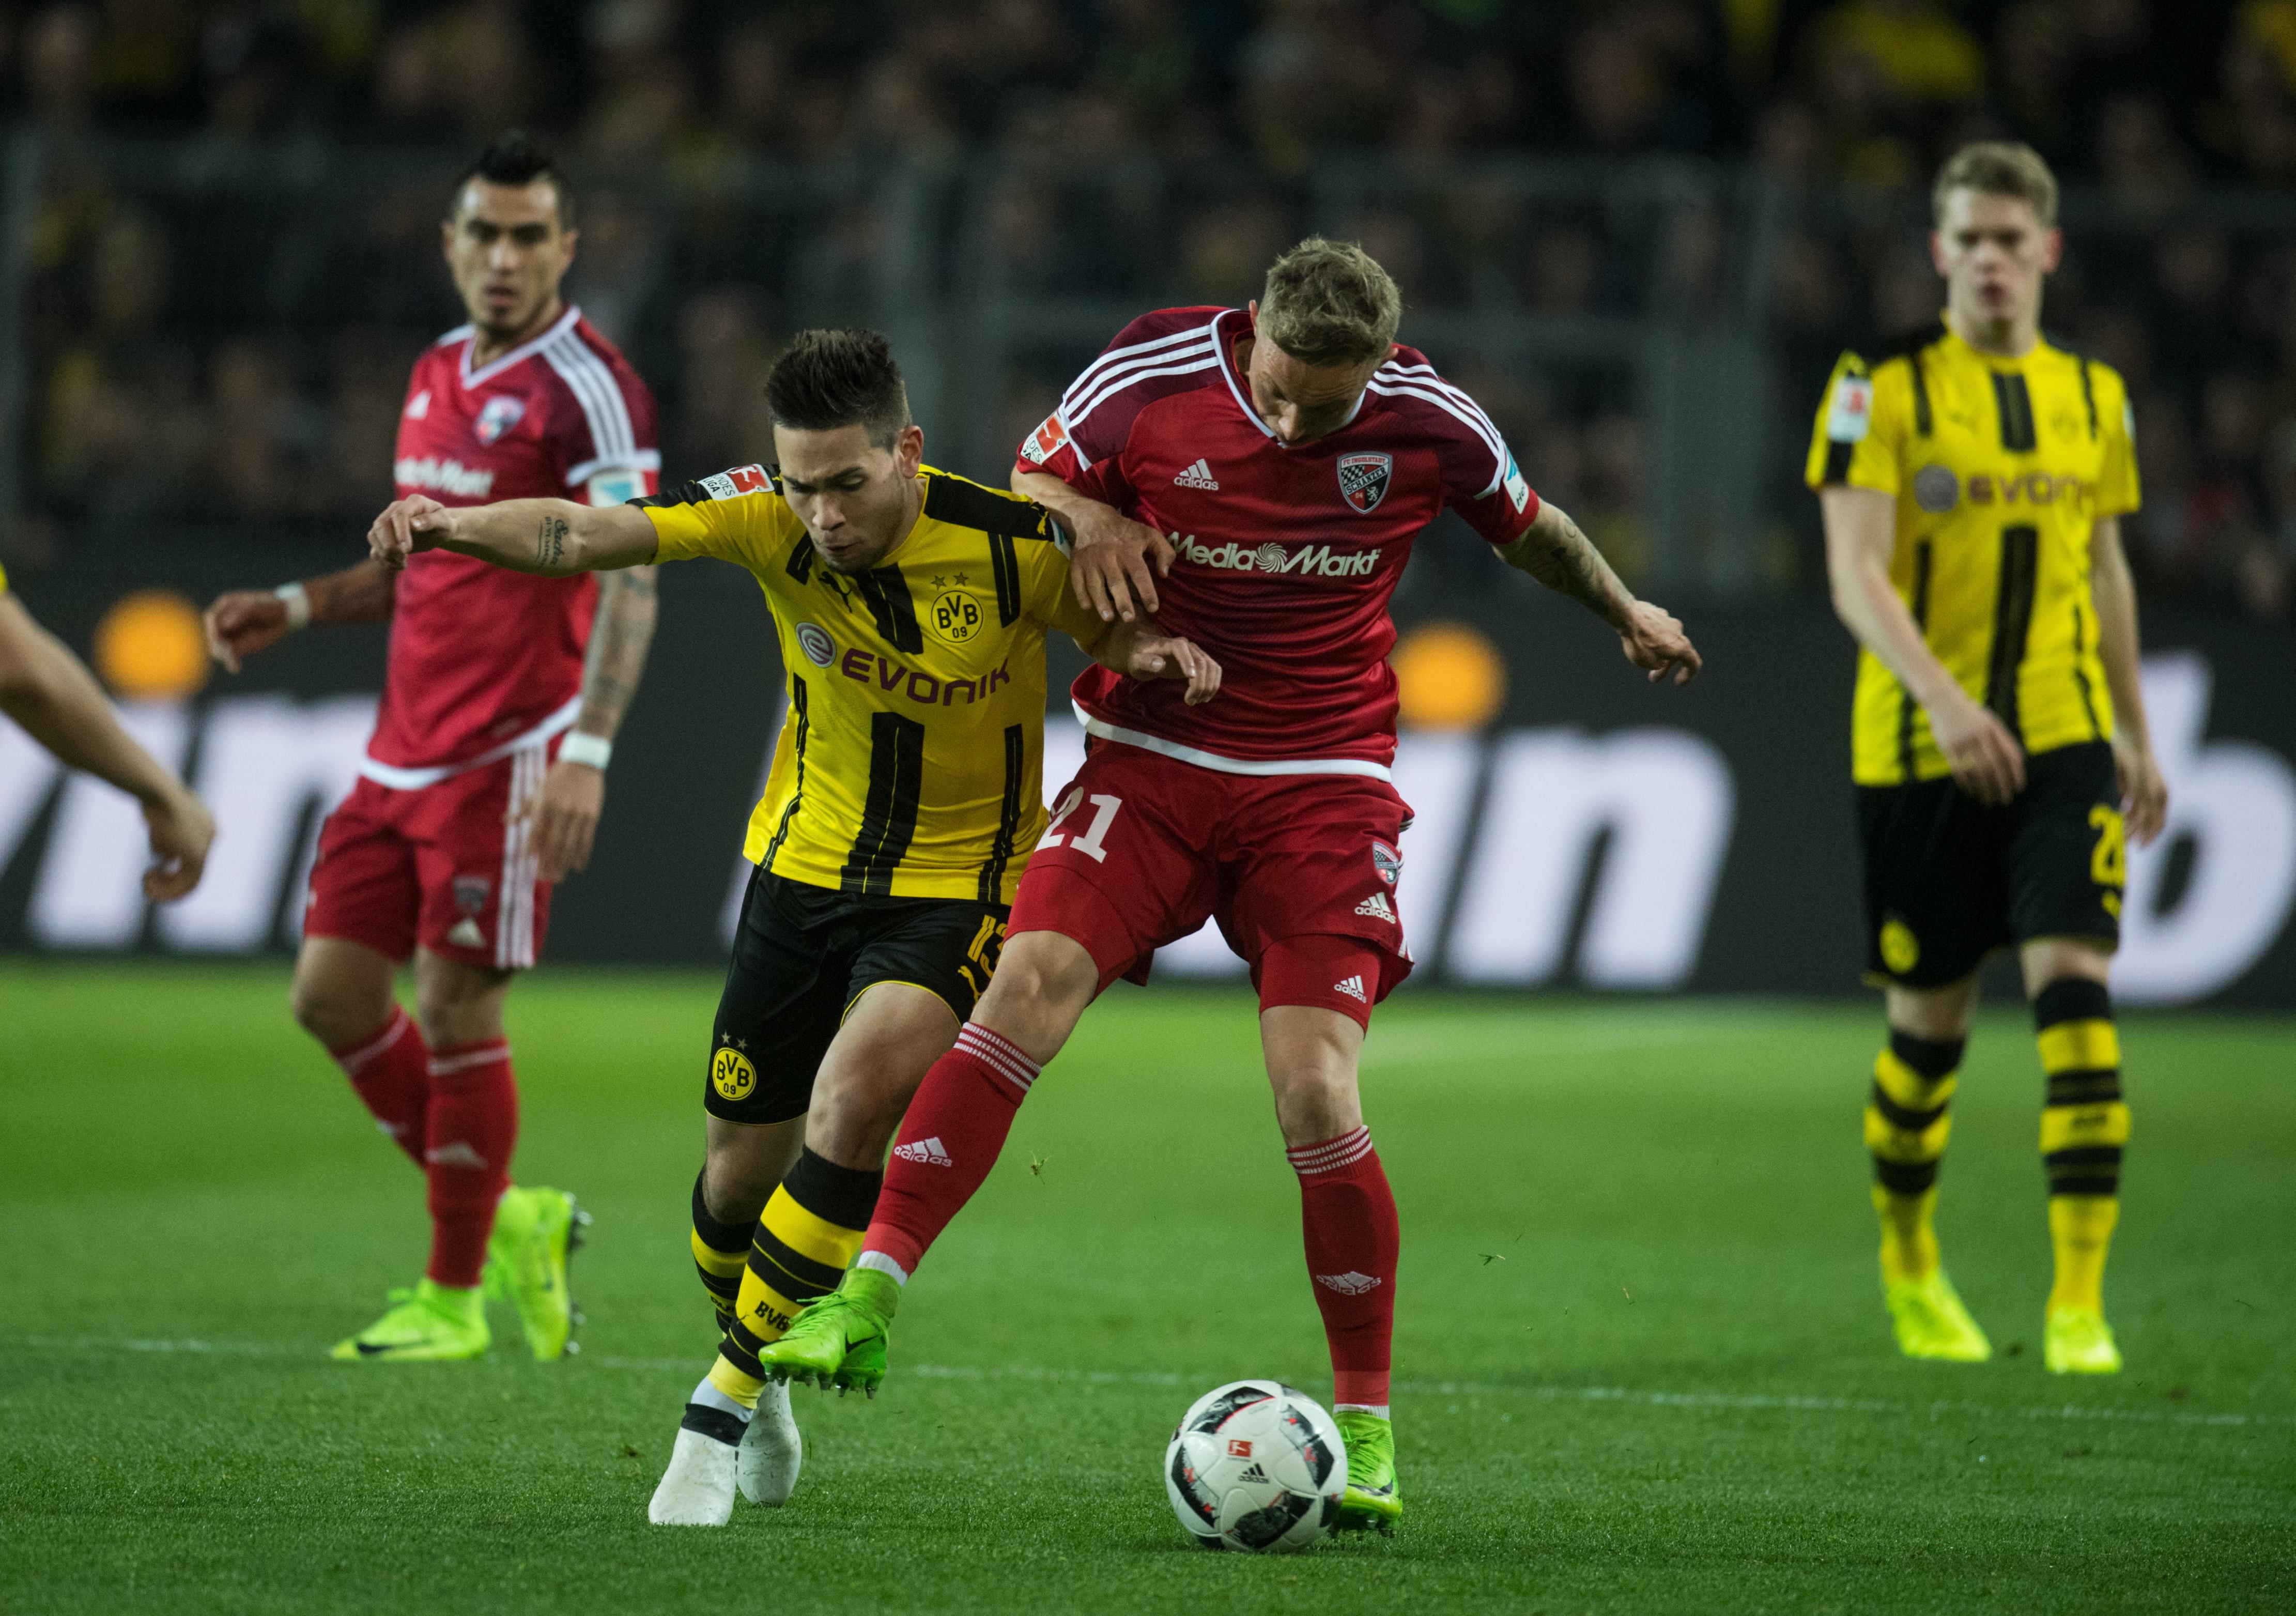 Borussia Dortmund vs. FC Ingolstadt 04